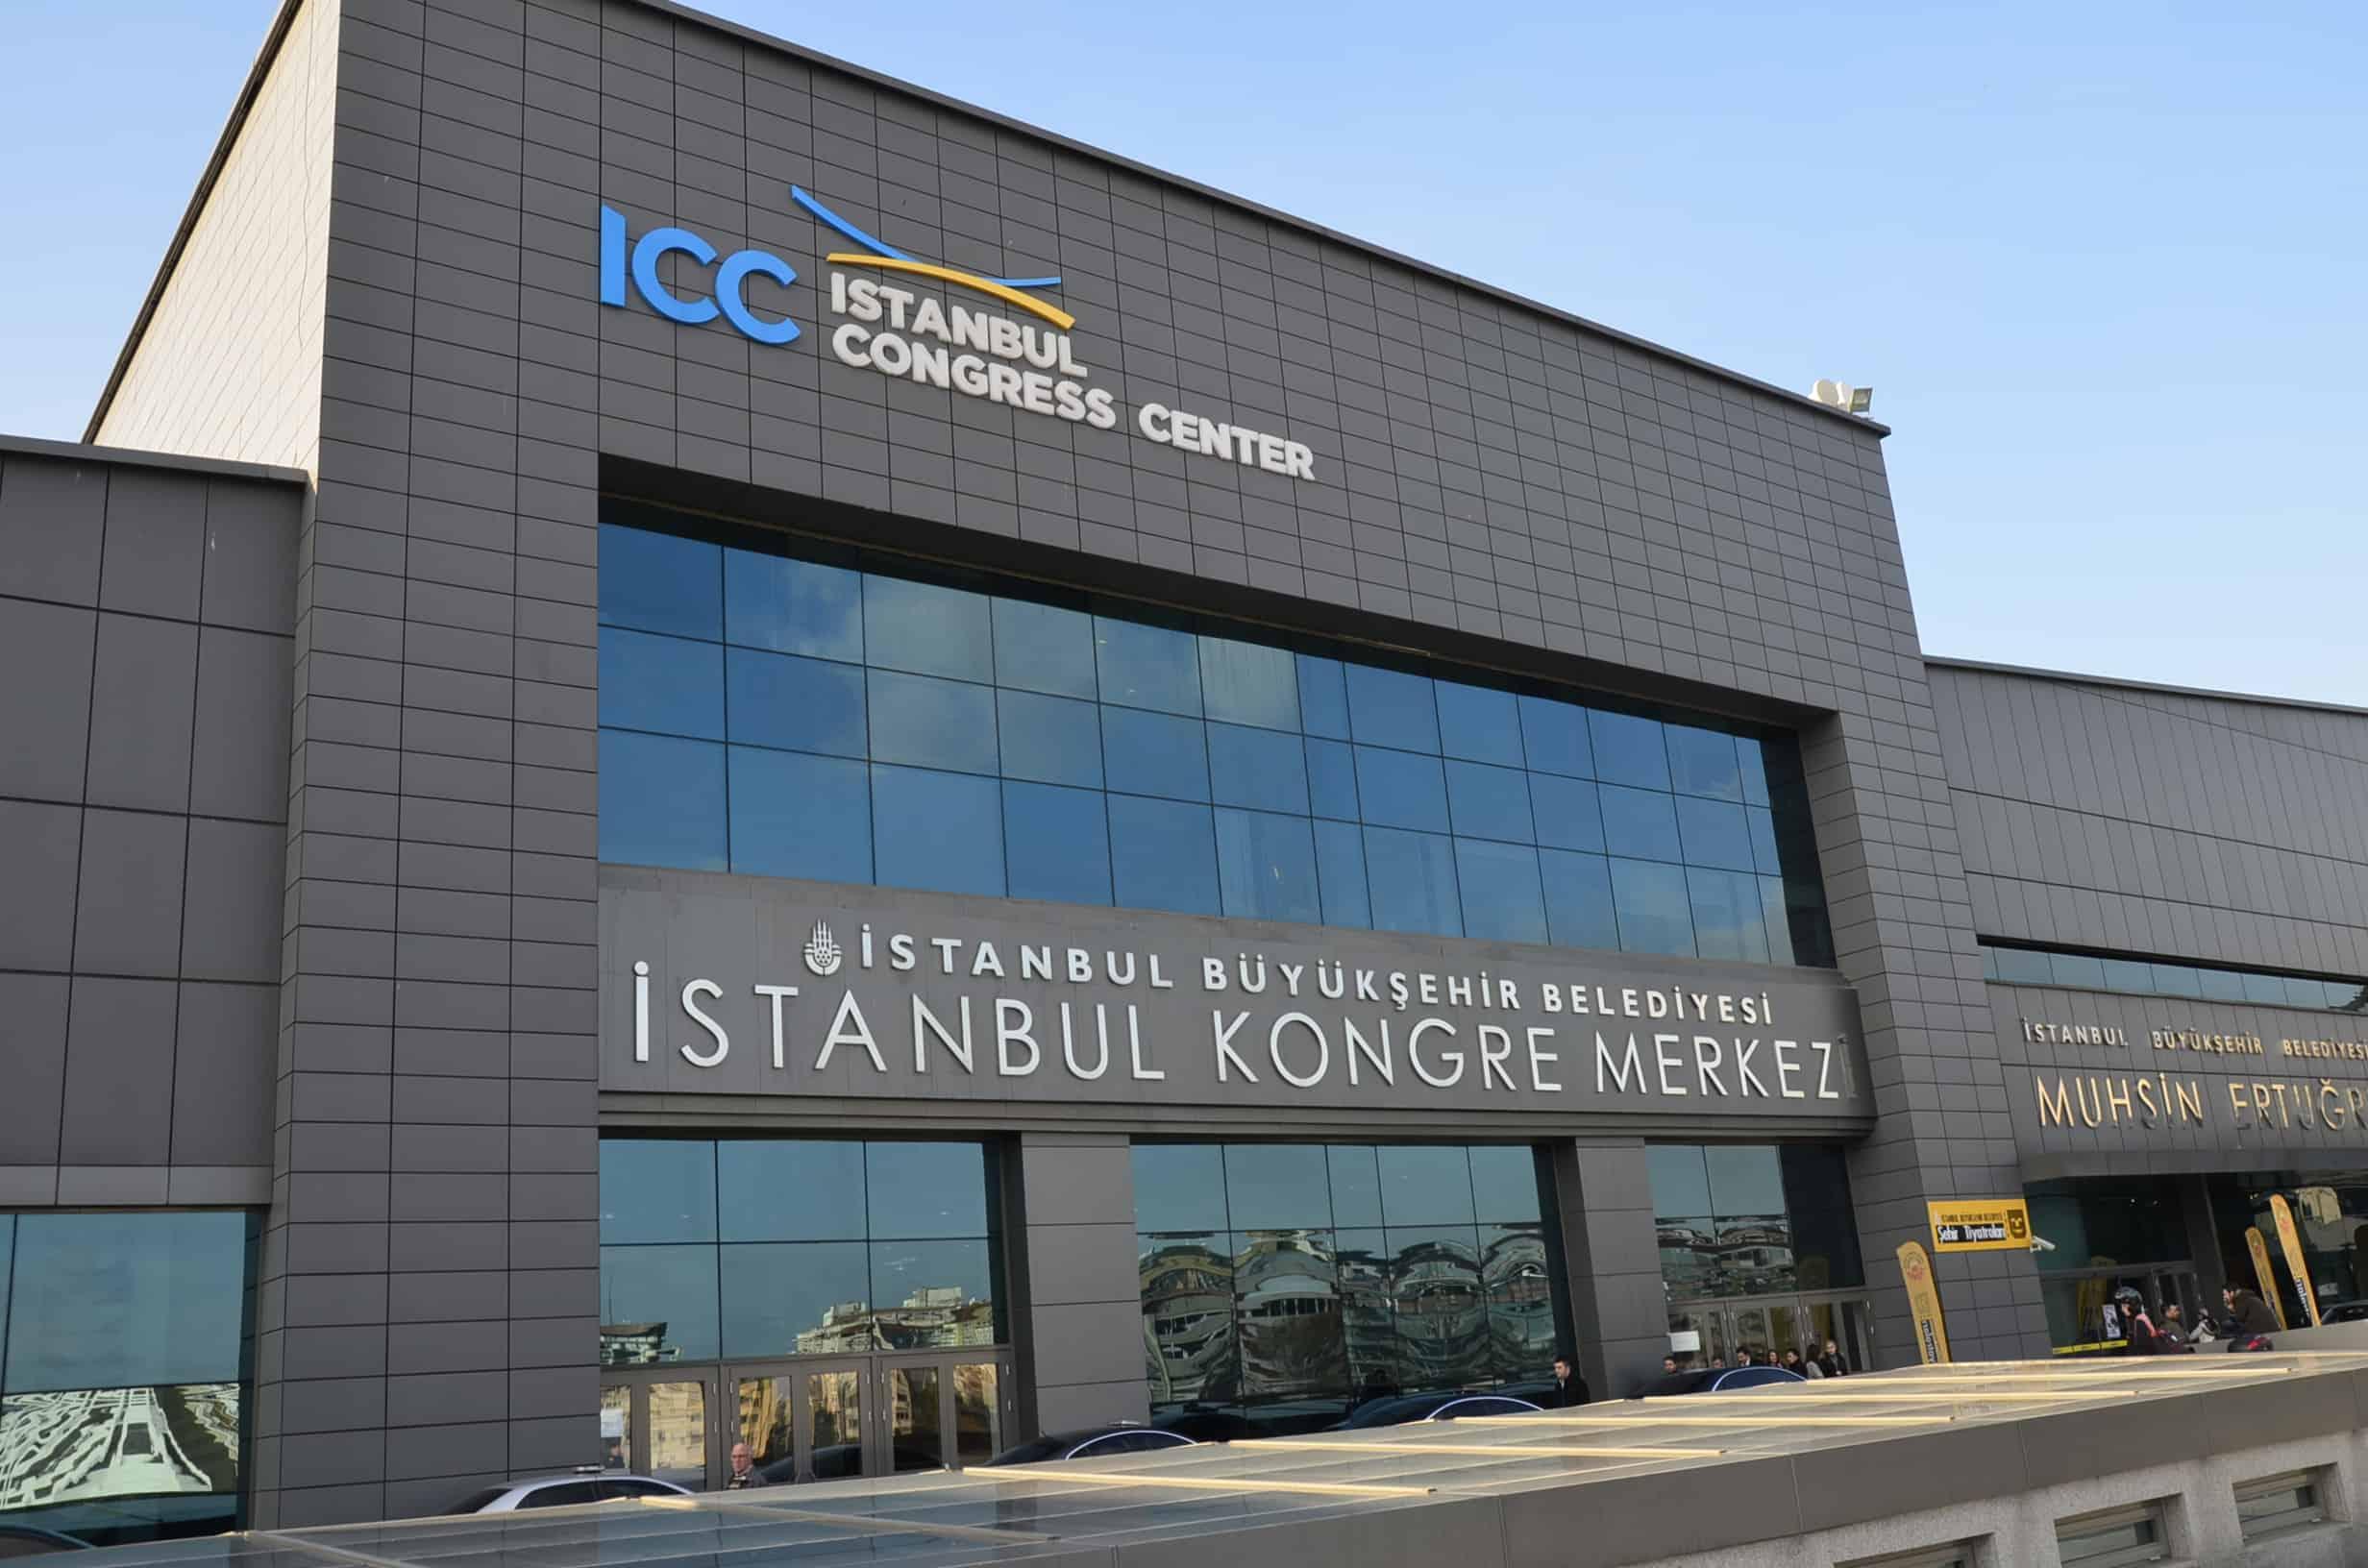 İstanbul Kongre Merkezi Nerede, Nasıl Gidilir?